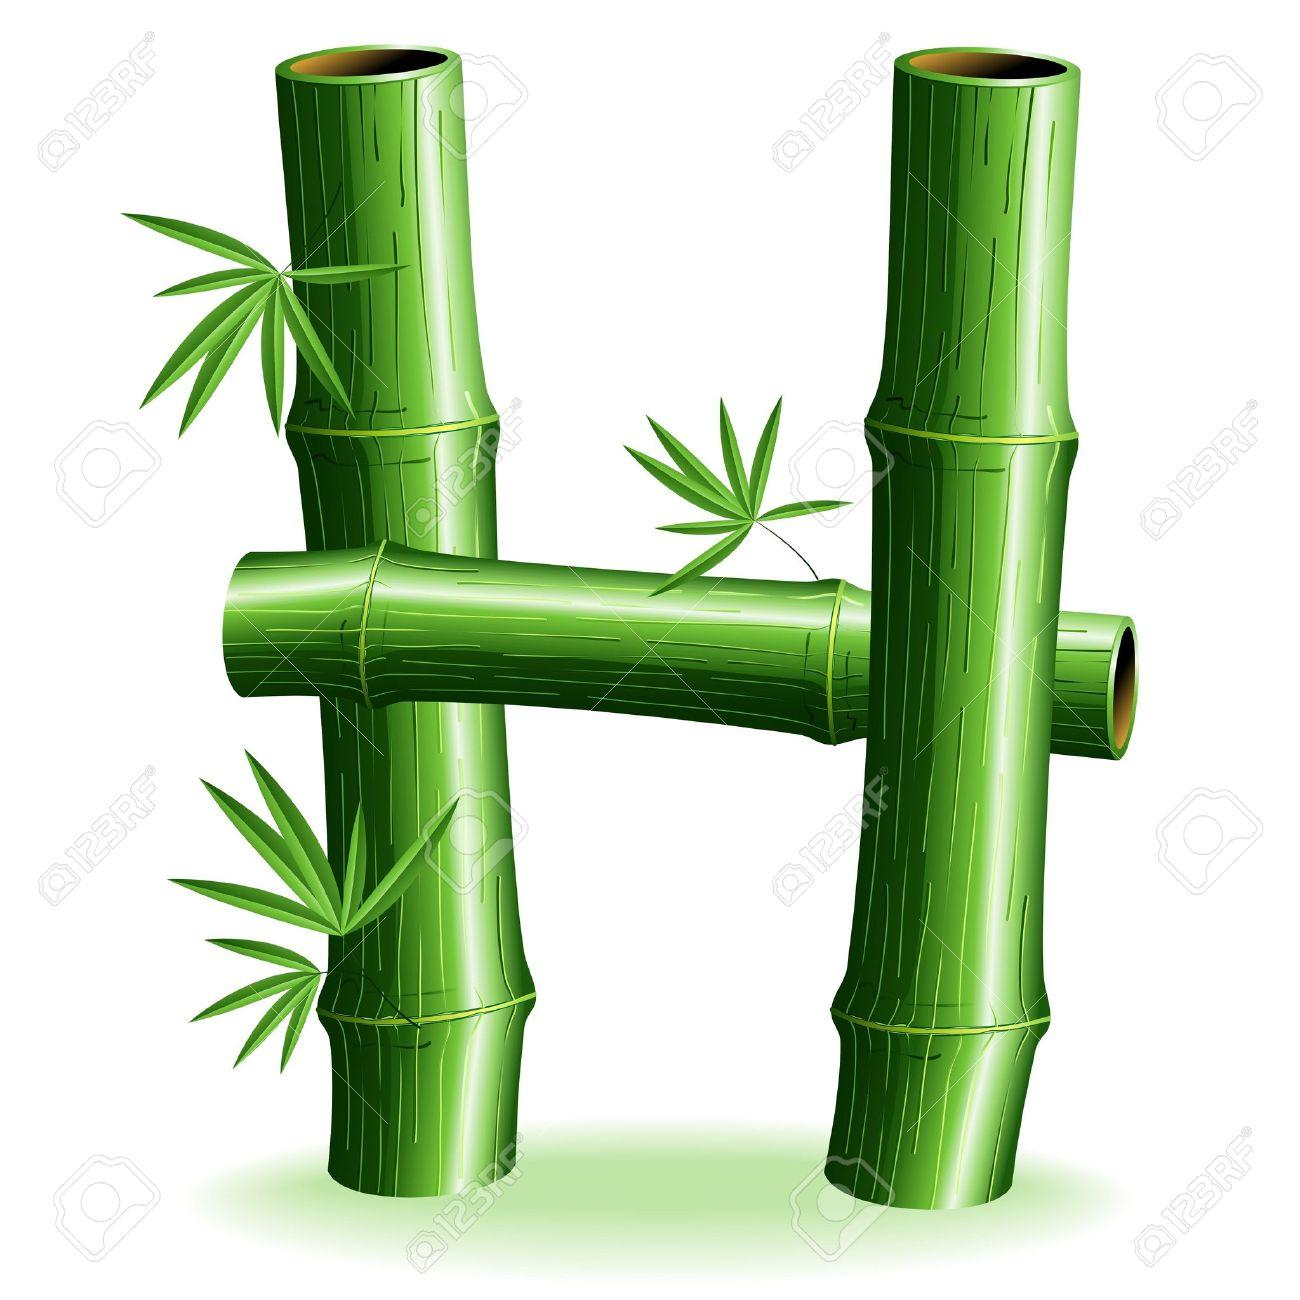 h Letter Logo Design Letter h Logo Bamboo Logo